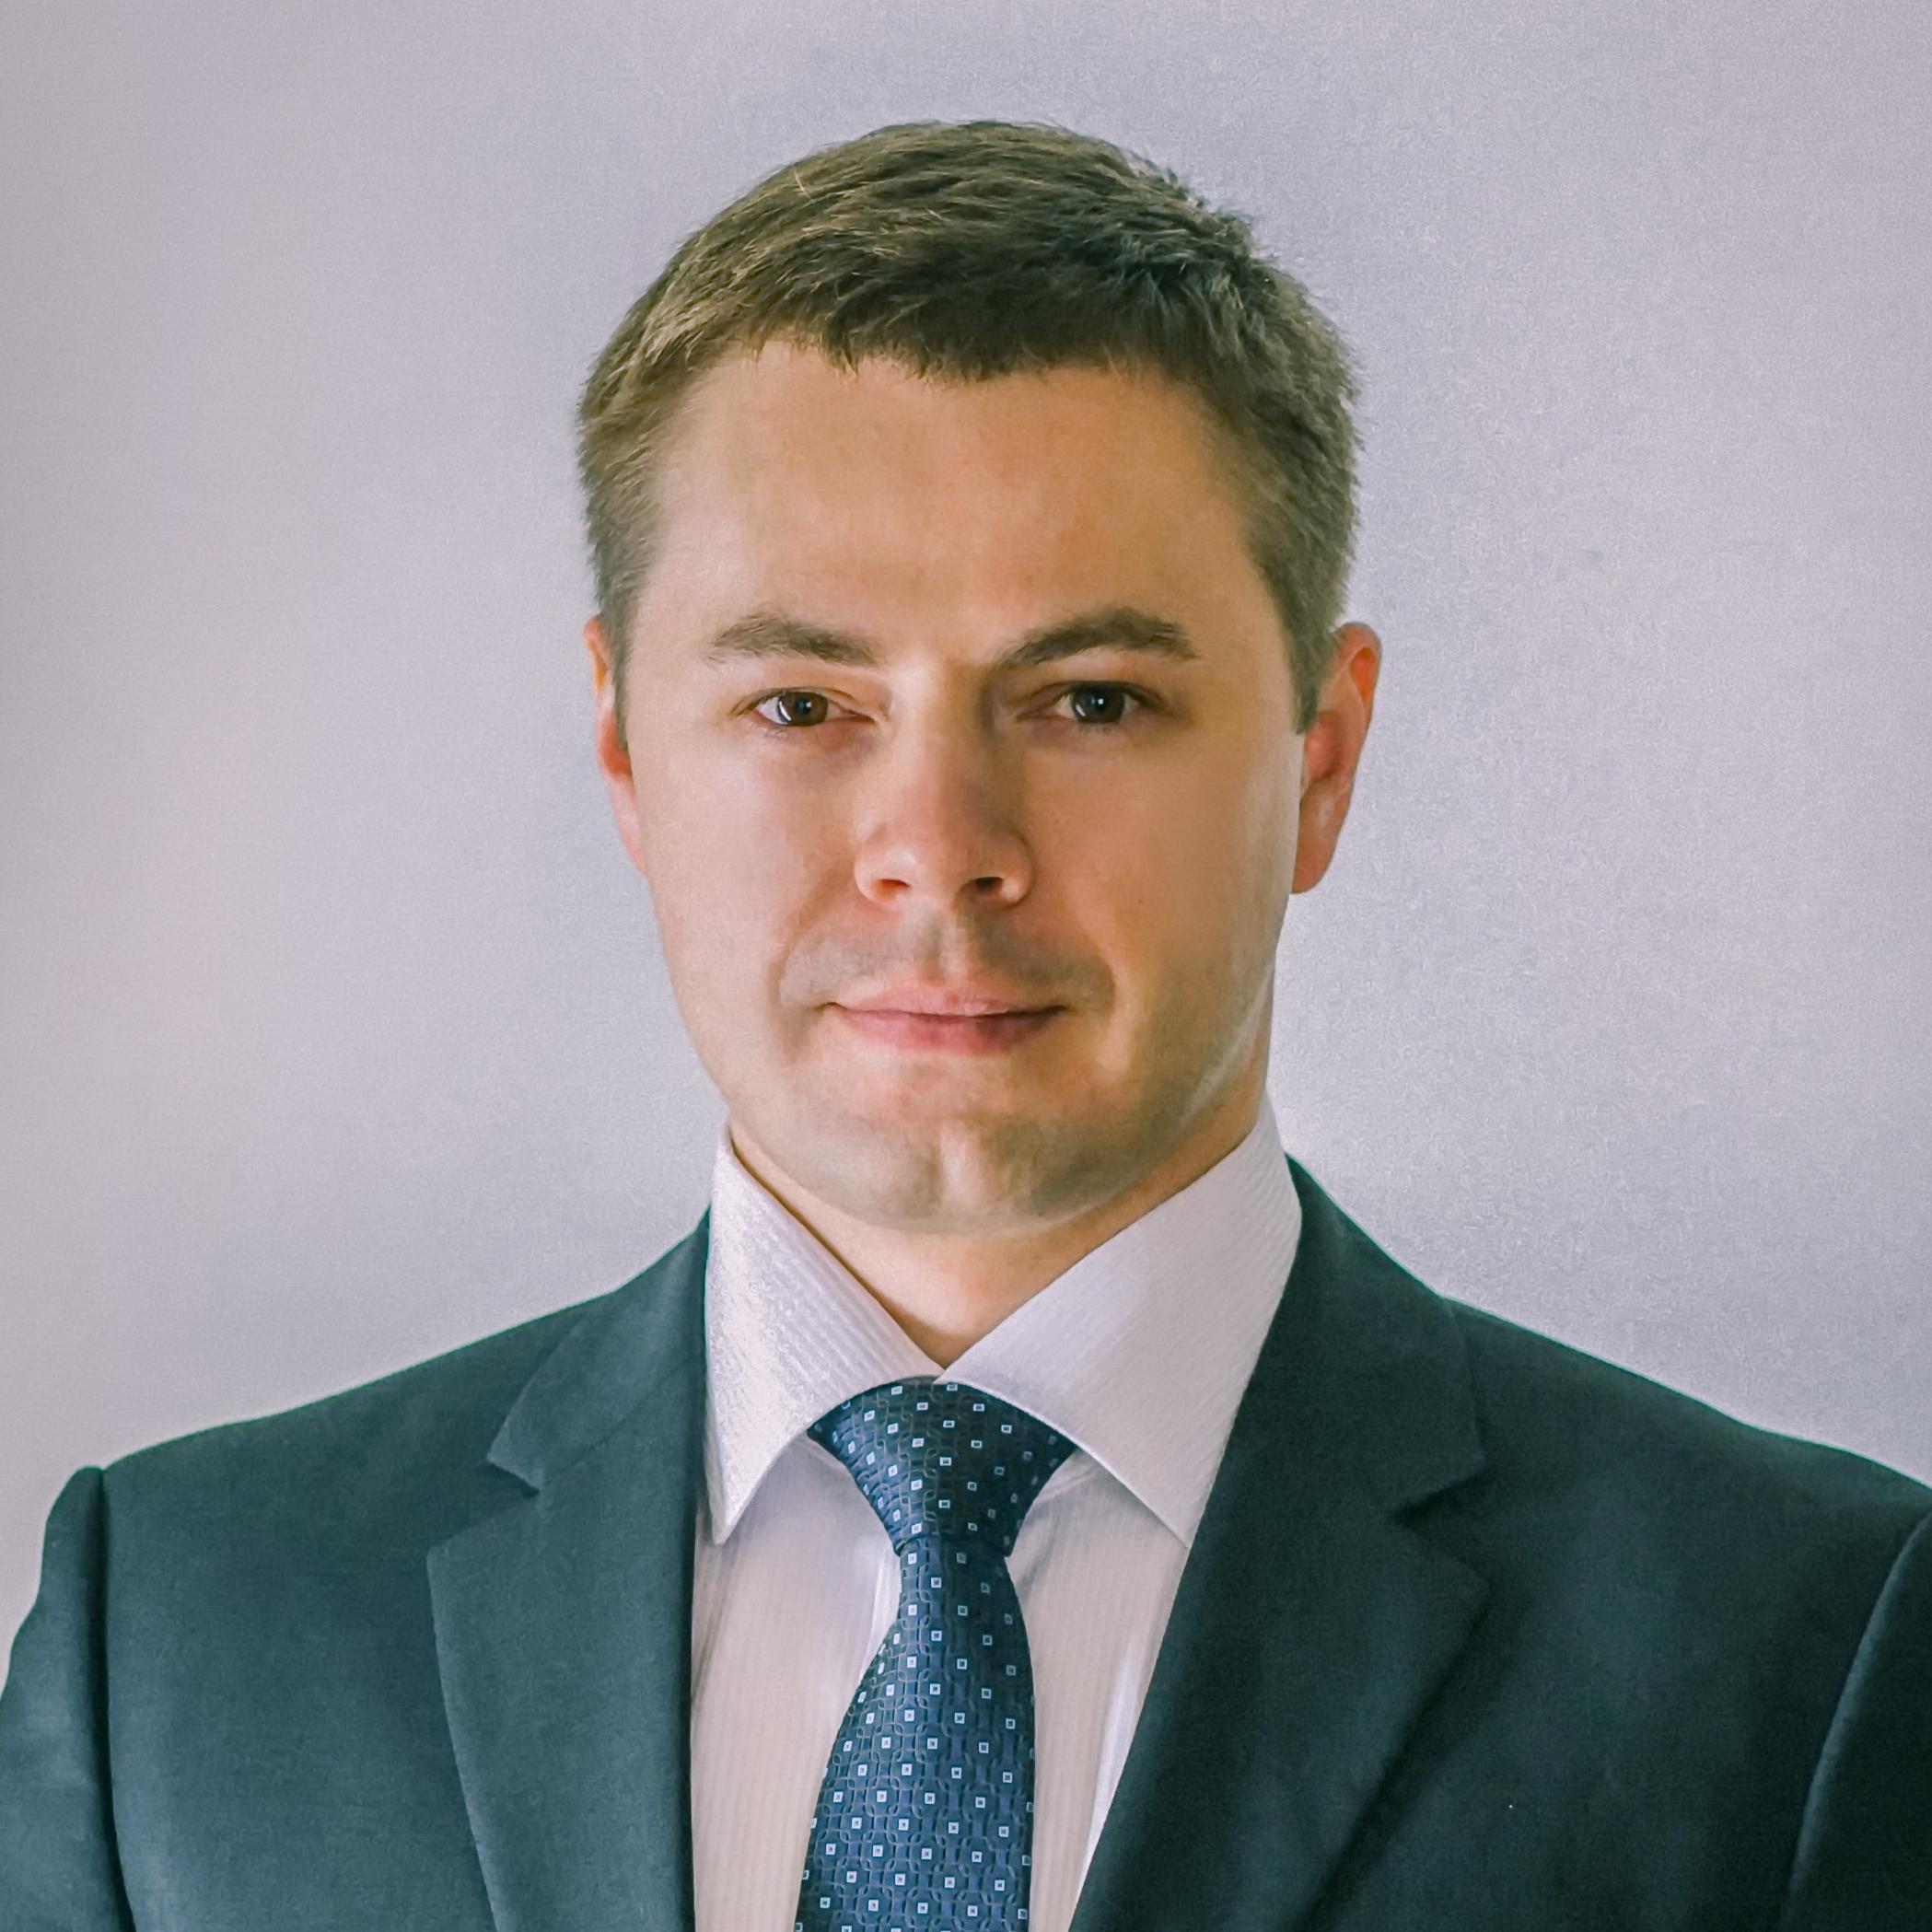 Егор Юрьевич Кожемяка, Конфидент sq